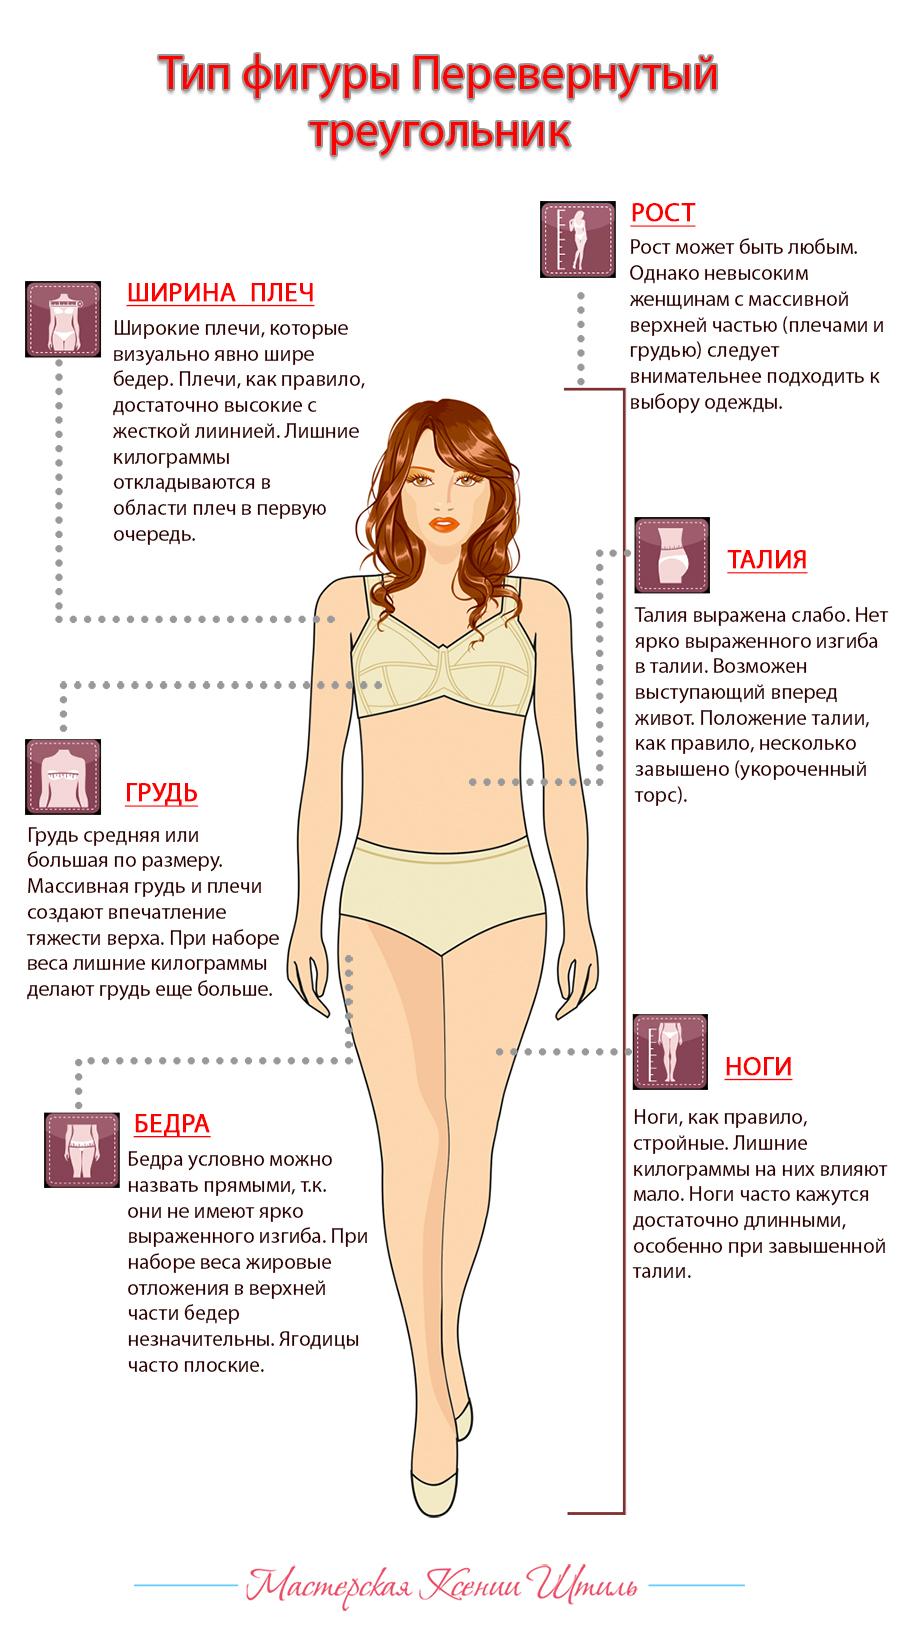 Женские стрижки если широкие плечи